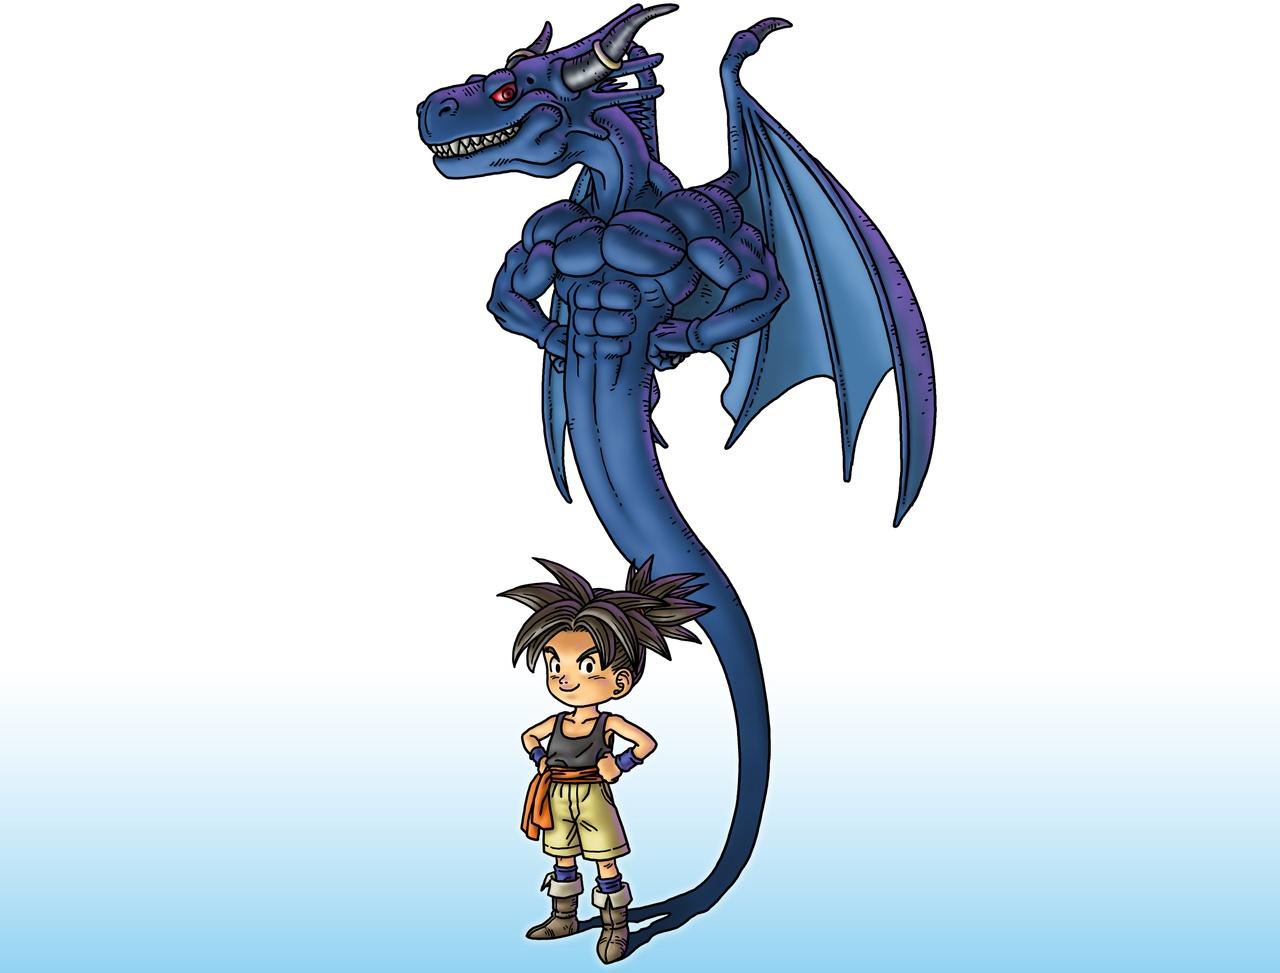 Blue dragon midget pics 1